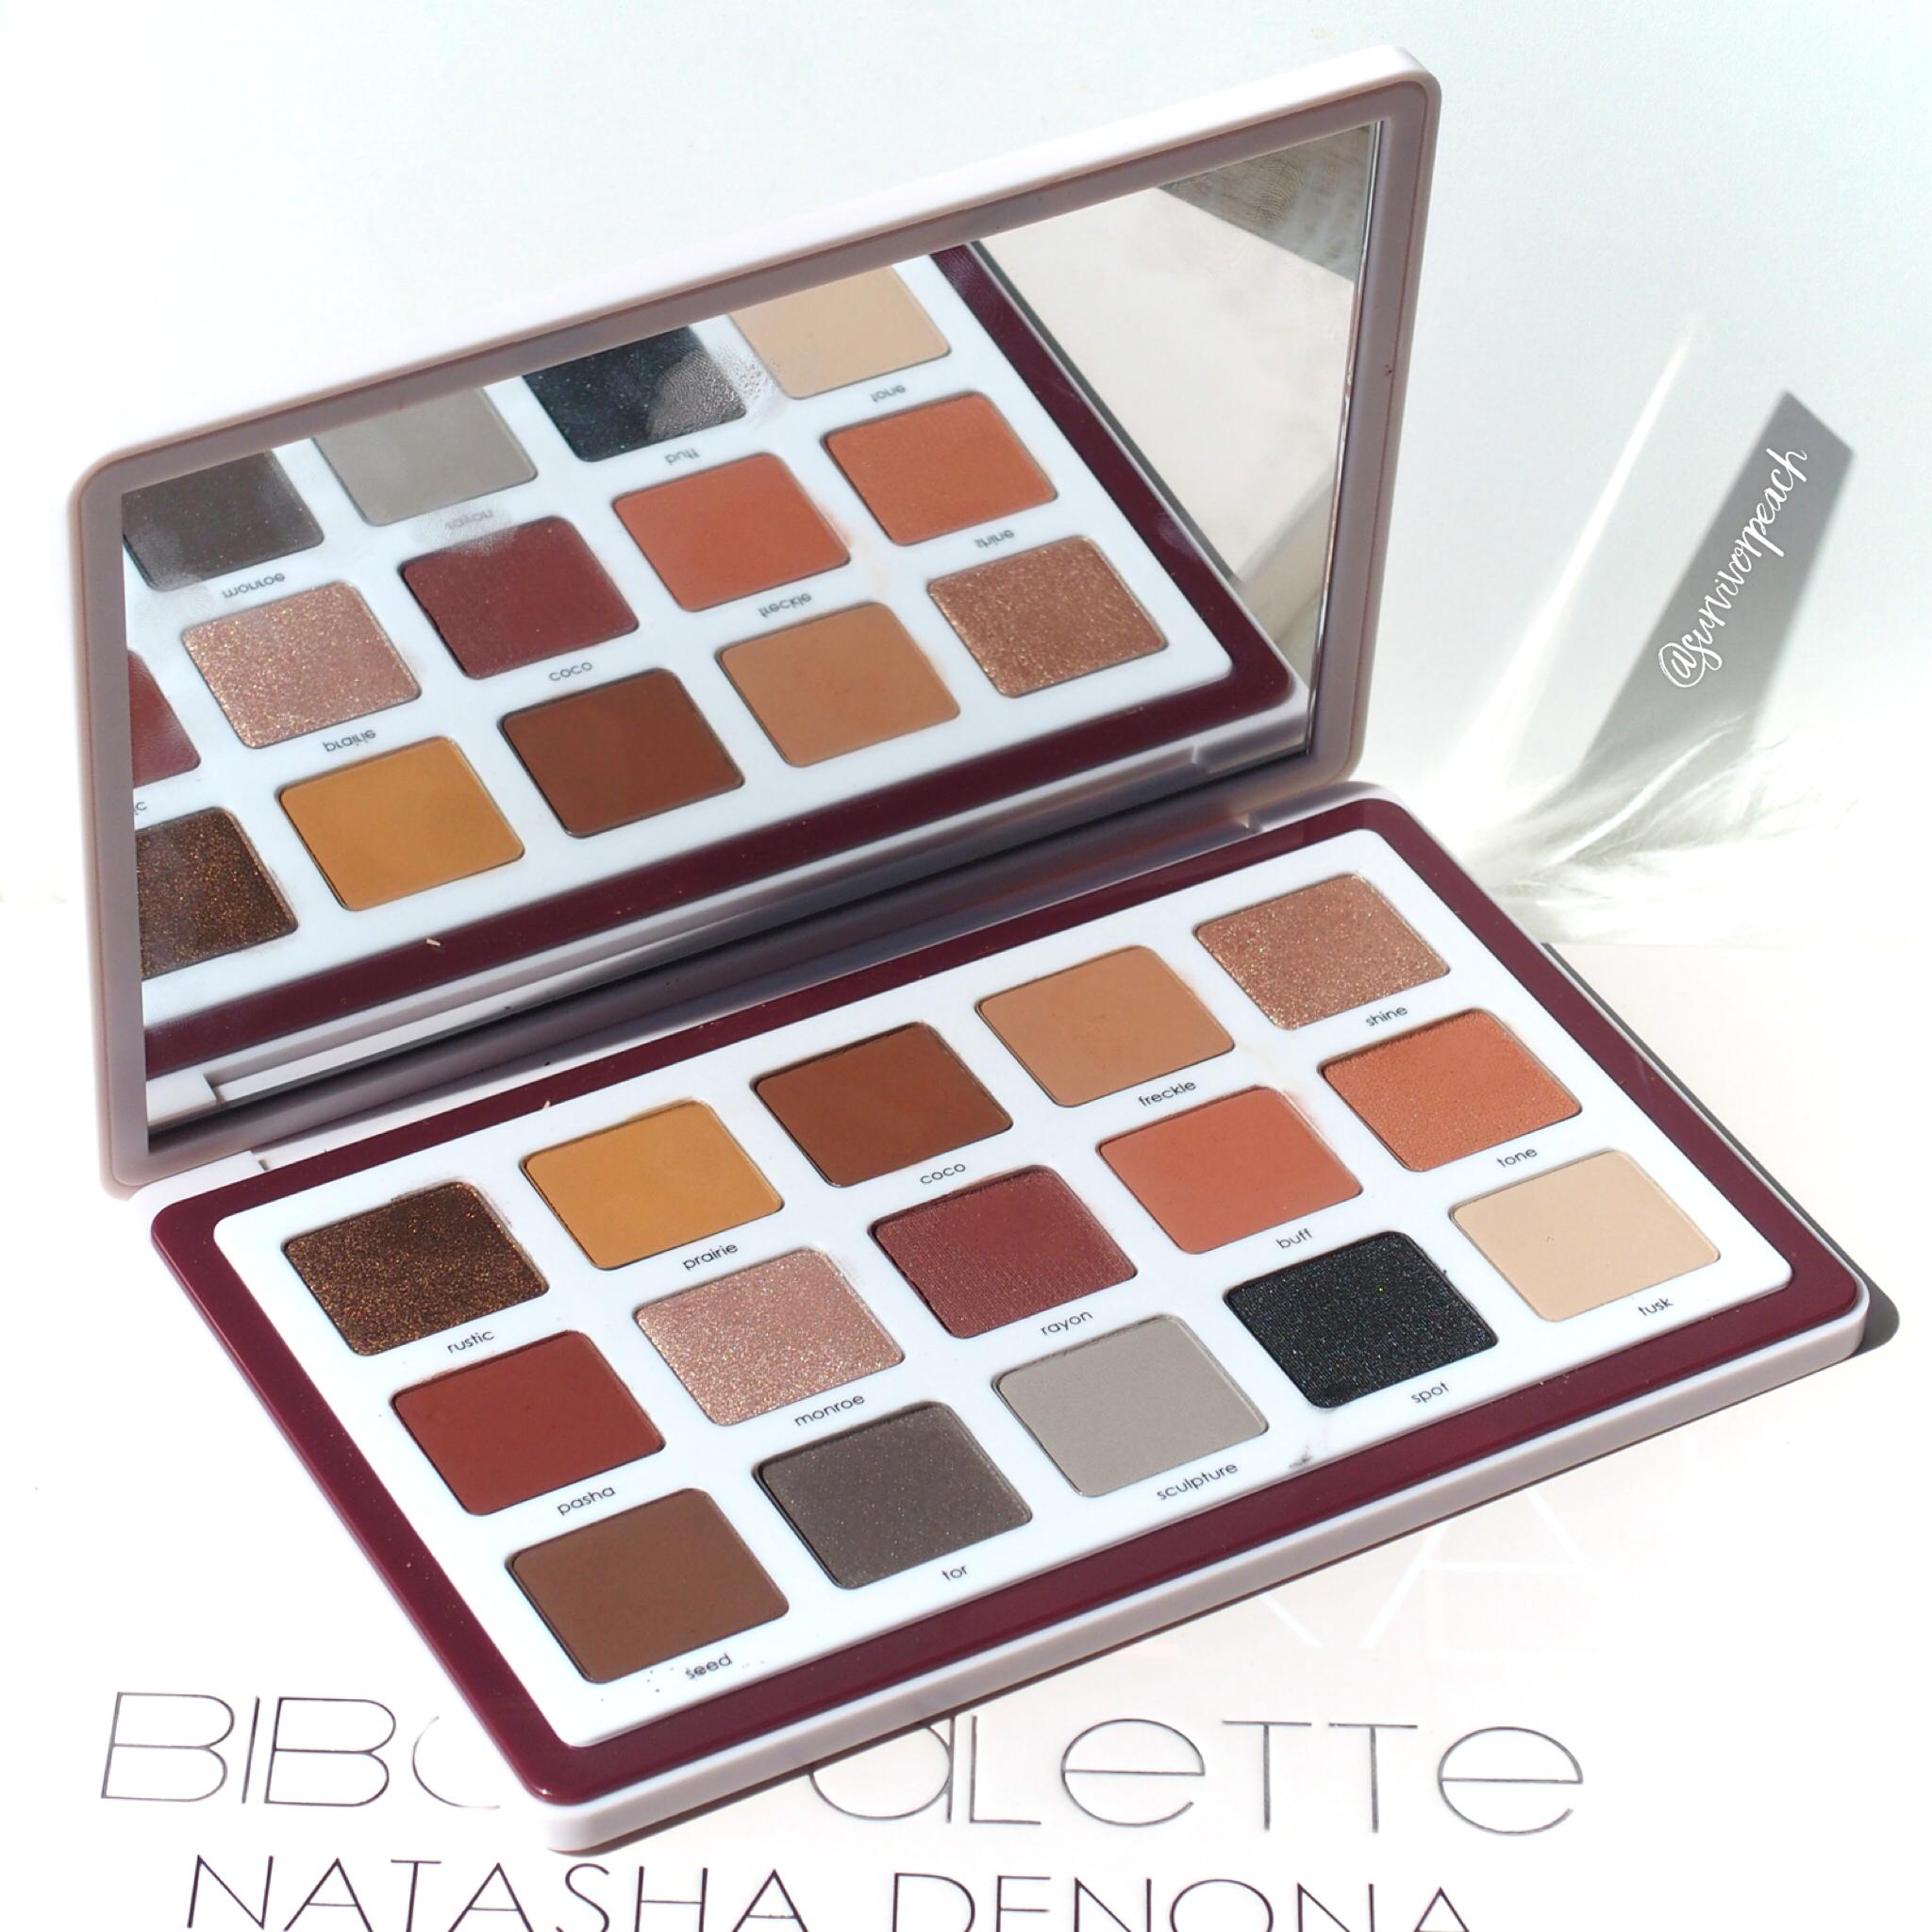 Natasha Denona Biba Palette swatches